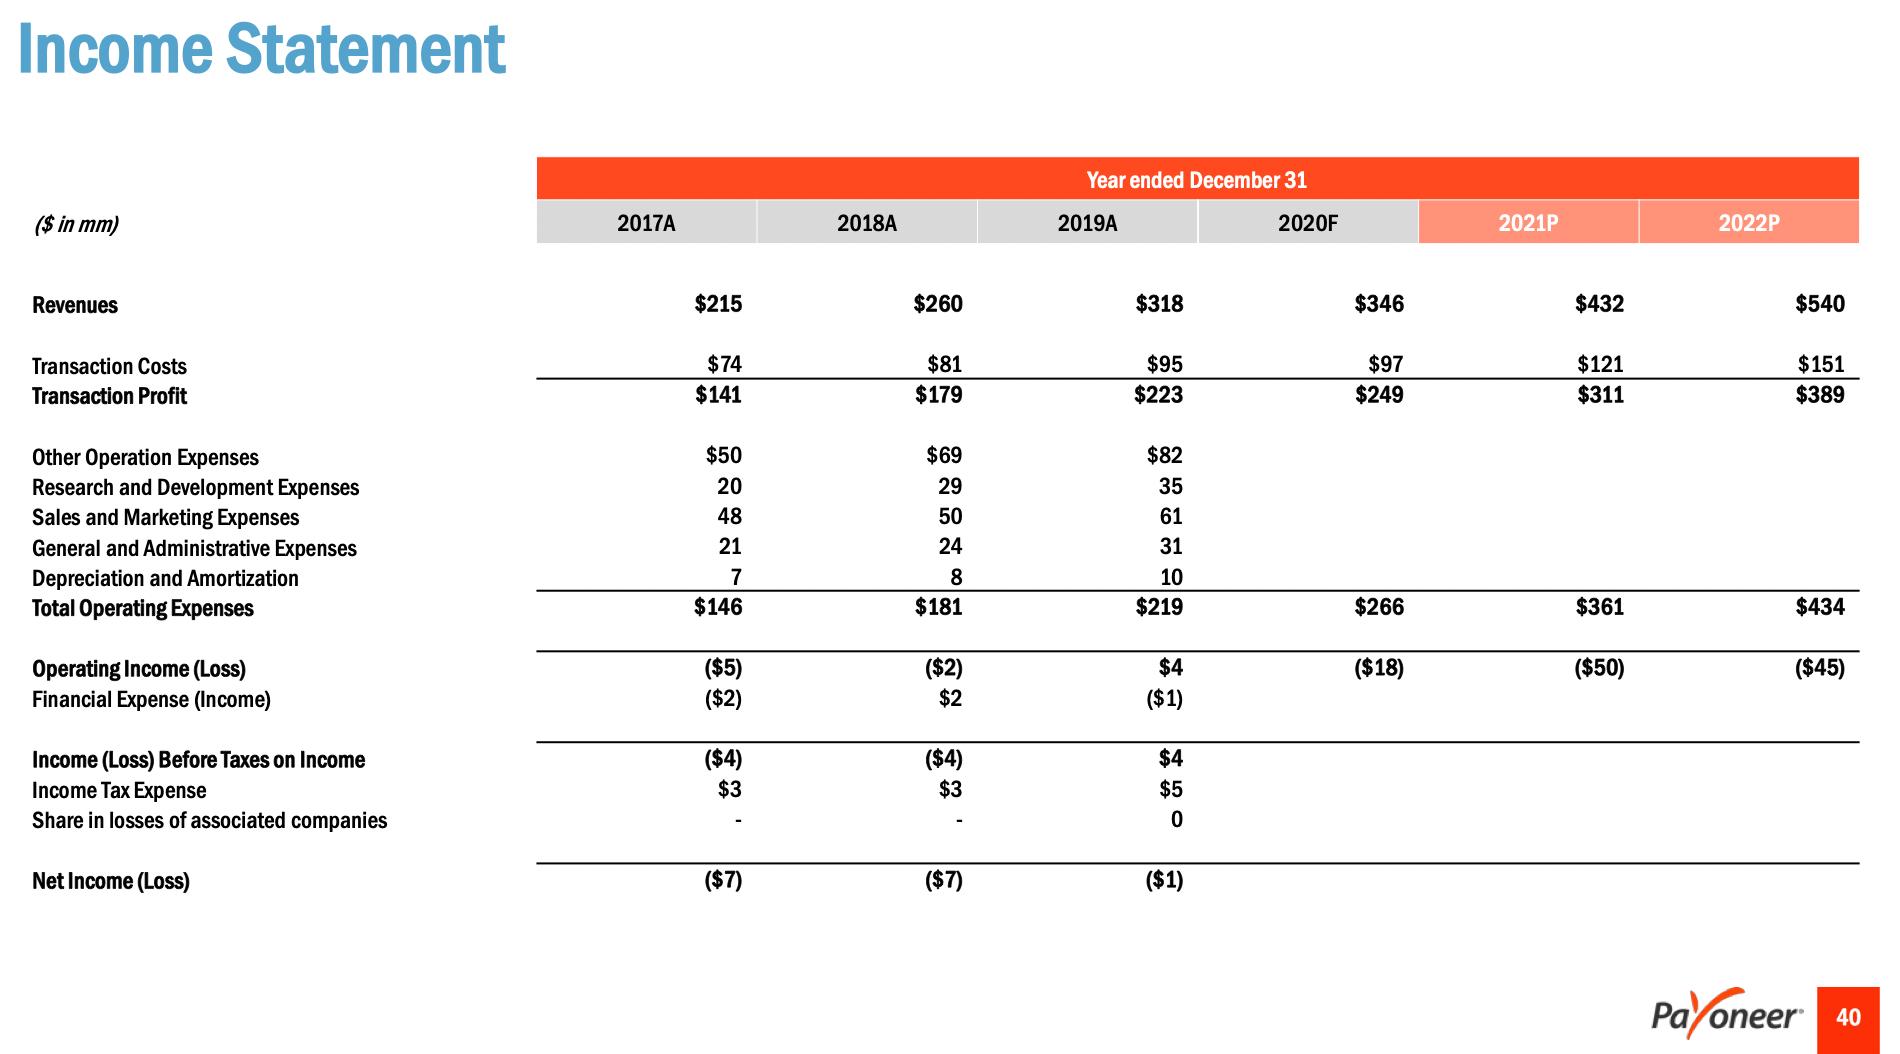 跨境支付平台Payoneer即将借壳上市。2020年营收3.46亿美元,经营亏损1800万美元。它已经从平安投资赢得了大约90万中国活跃用户